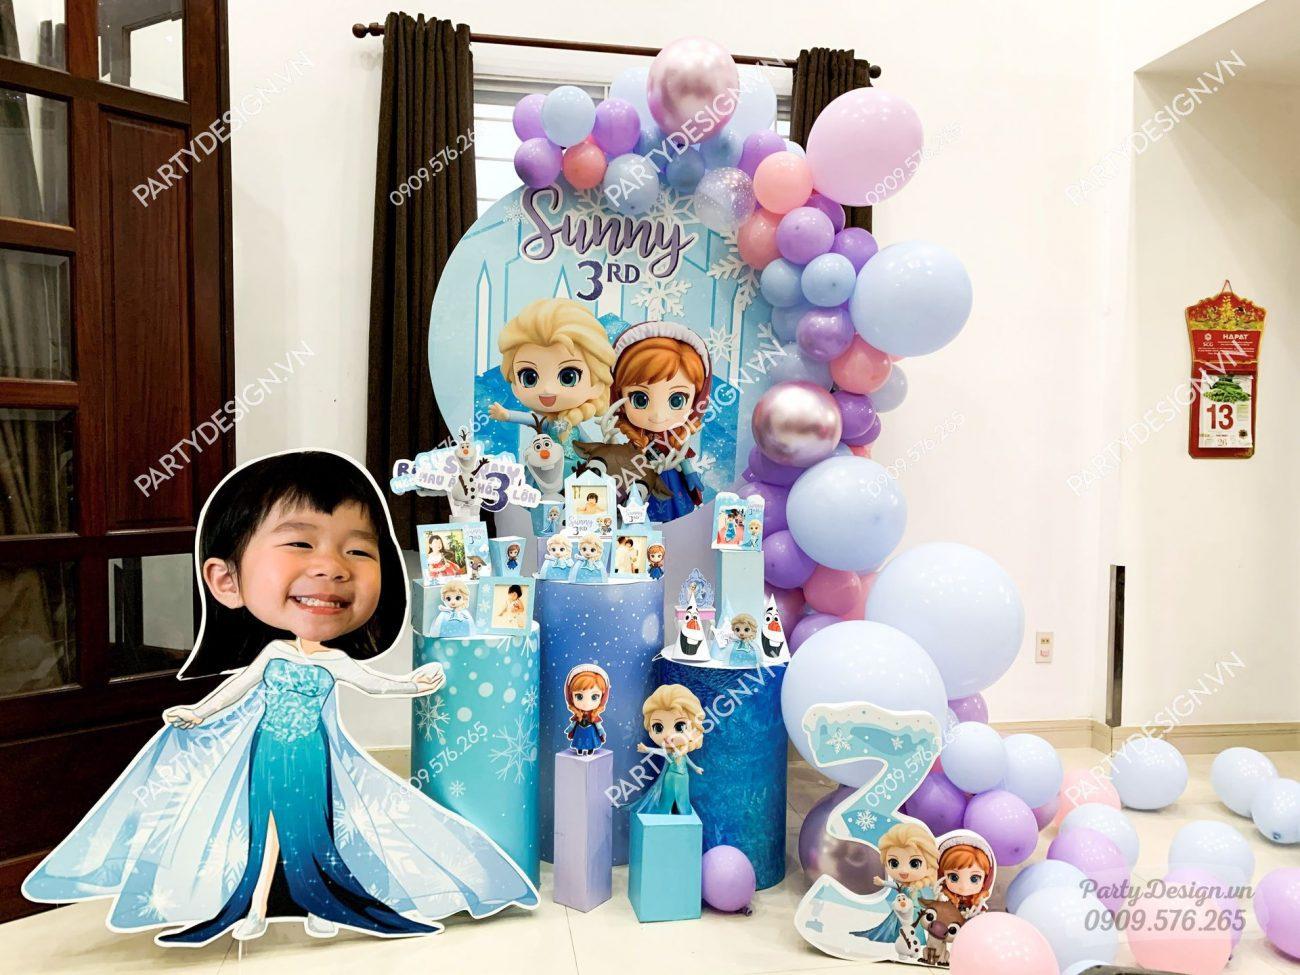 Trang trí sinh nhật tại nhà cho bé gái chủ đề Elsa